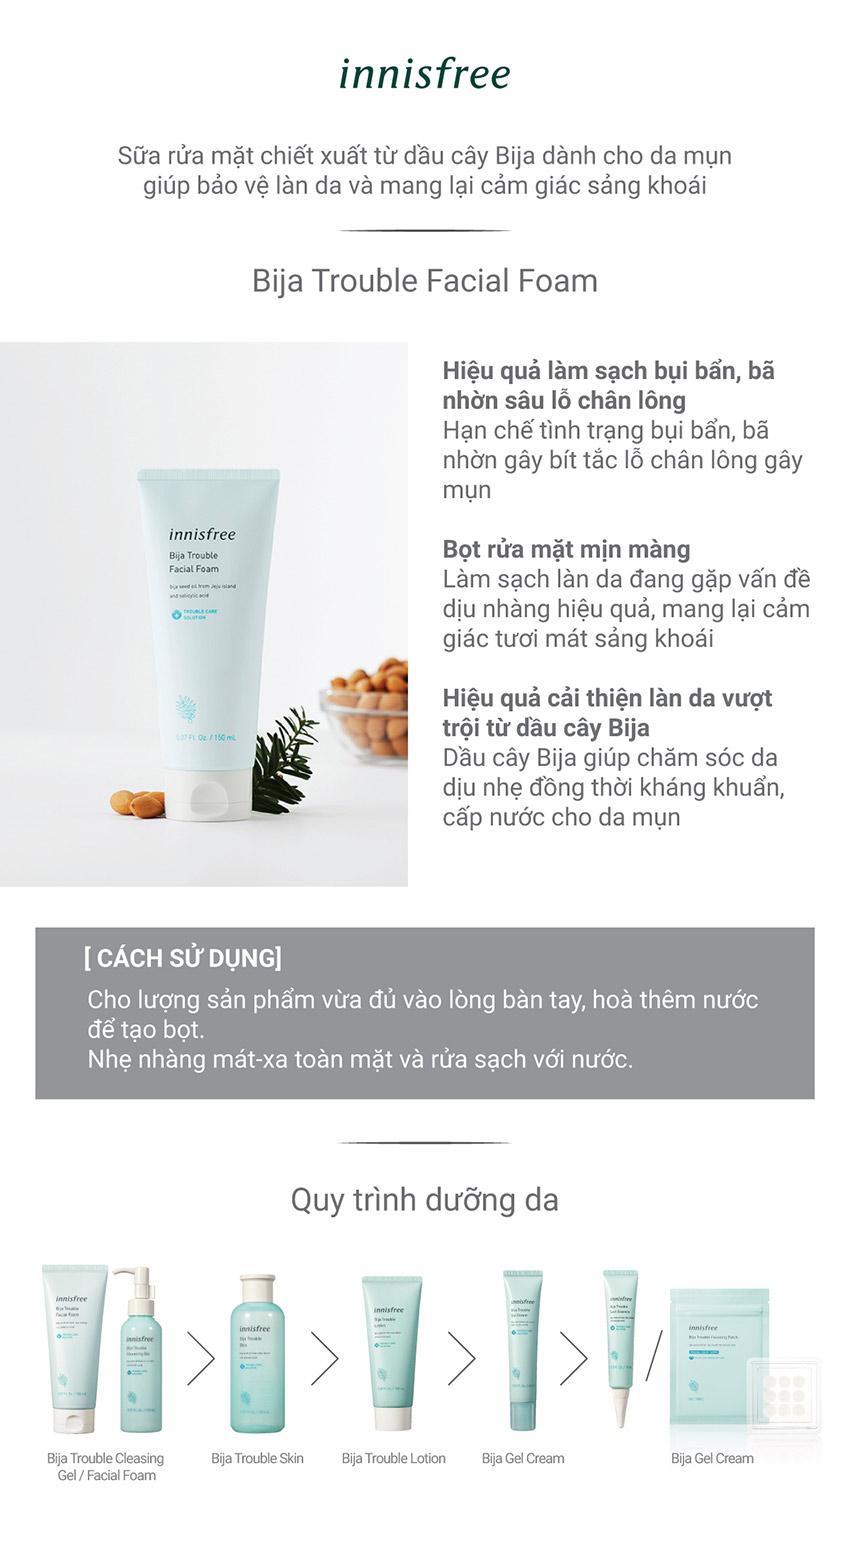 Sữa Rửa Mặt Dành Cho Da Mụn Innisfree Bija Trouble Facial Foam 150ml - 131171093